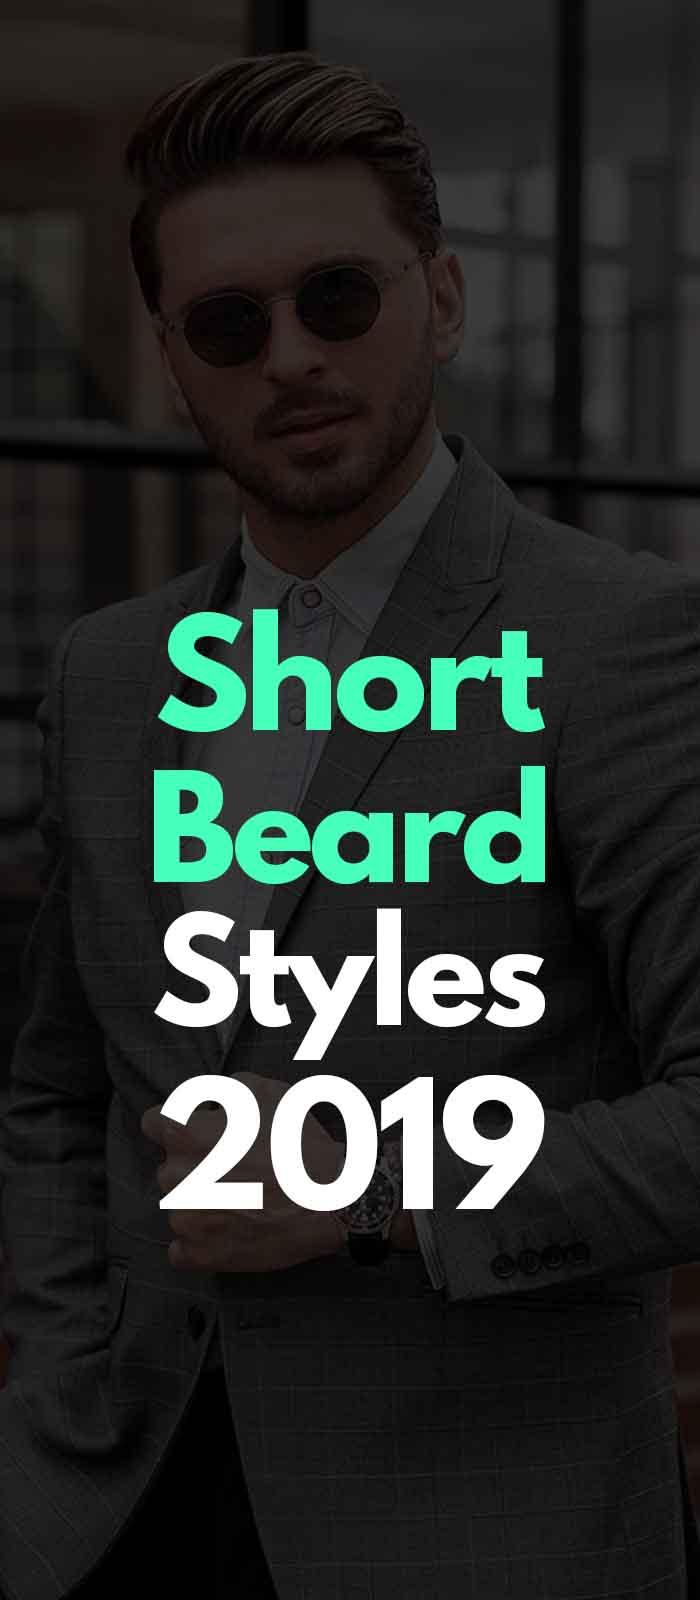 Short Beard style for men to try!